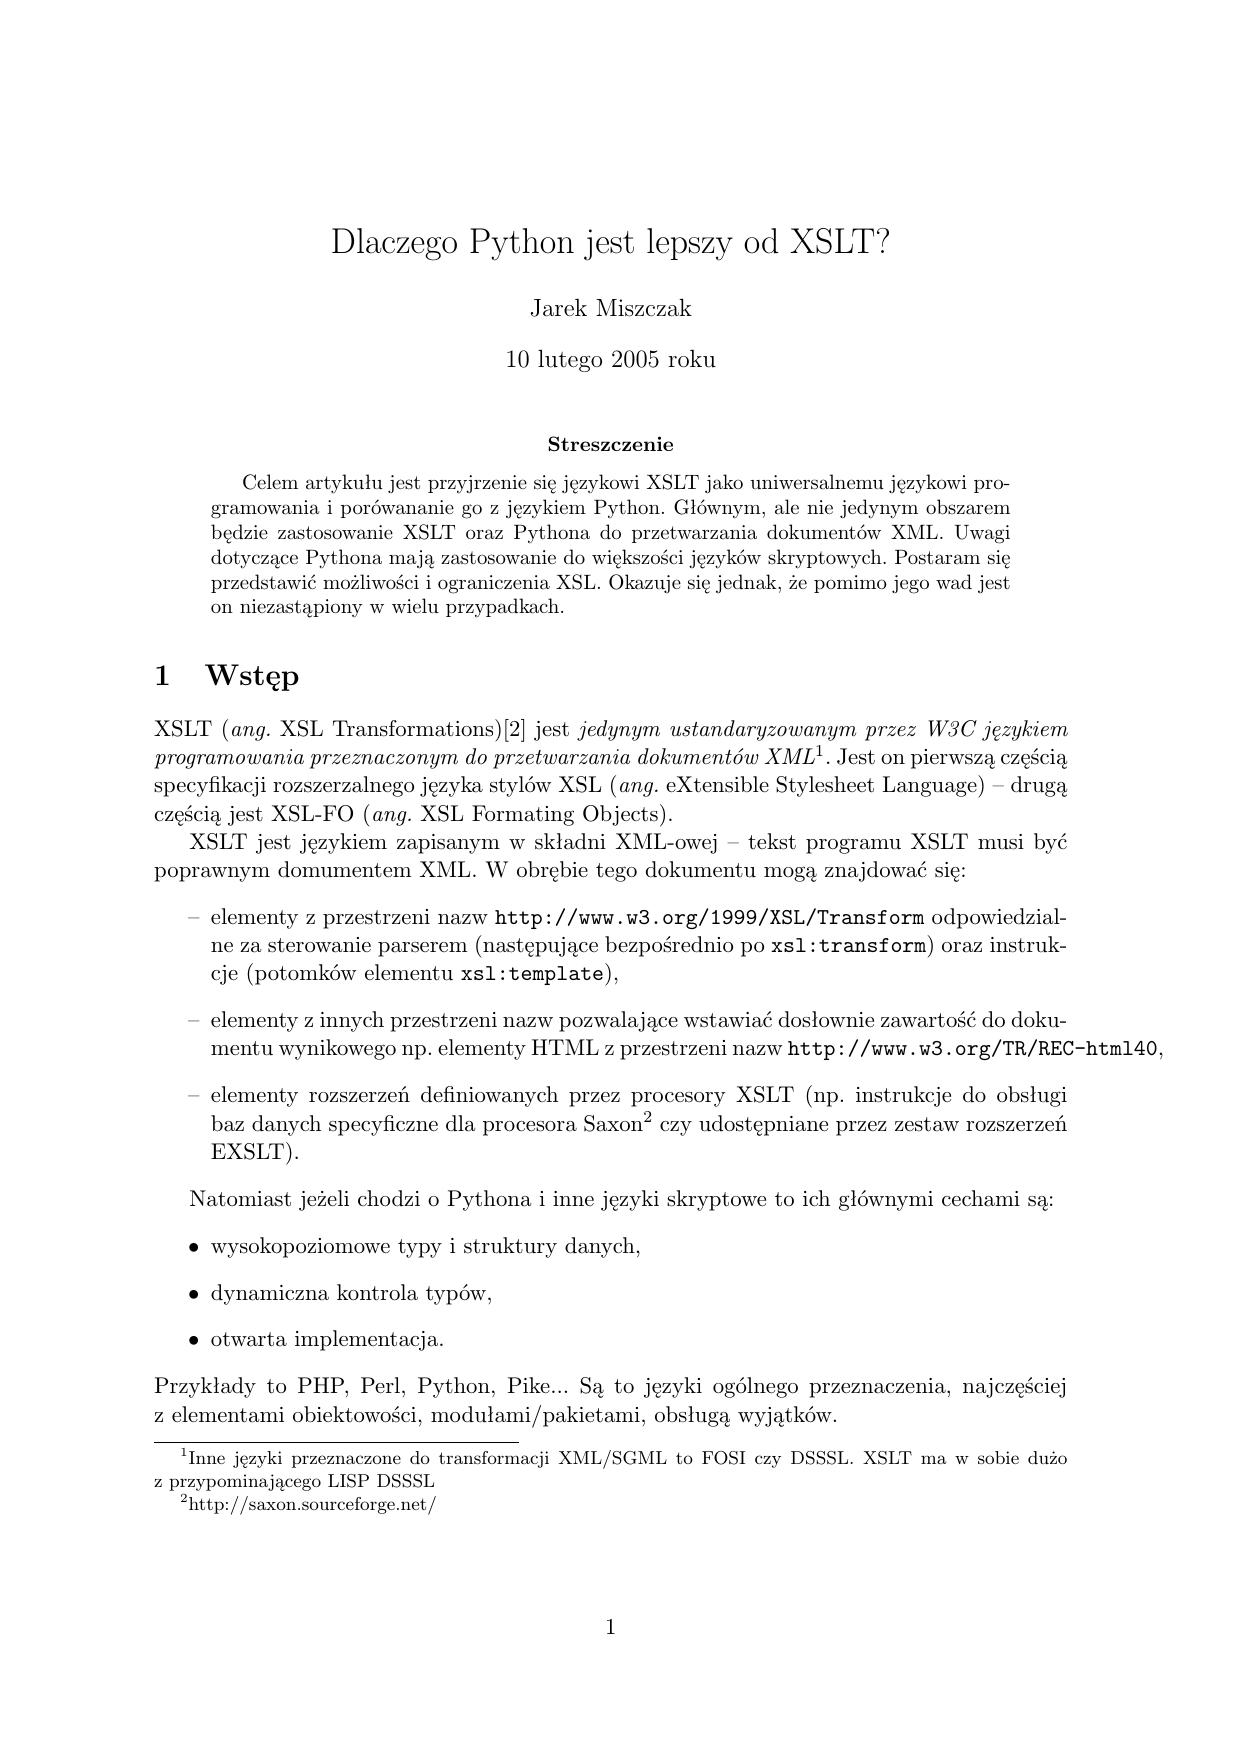 Dlaczego Python jest lepszy od XSLT